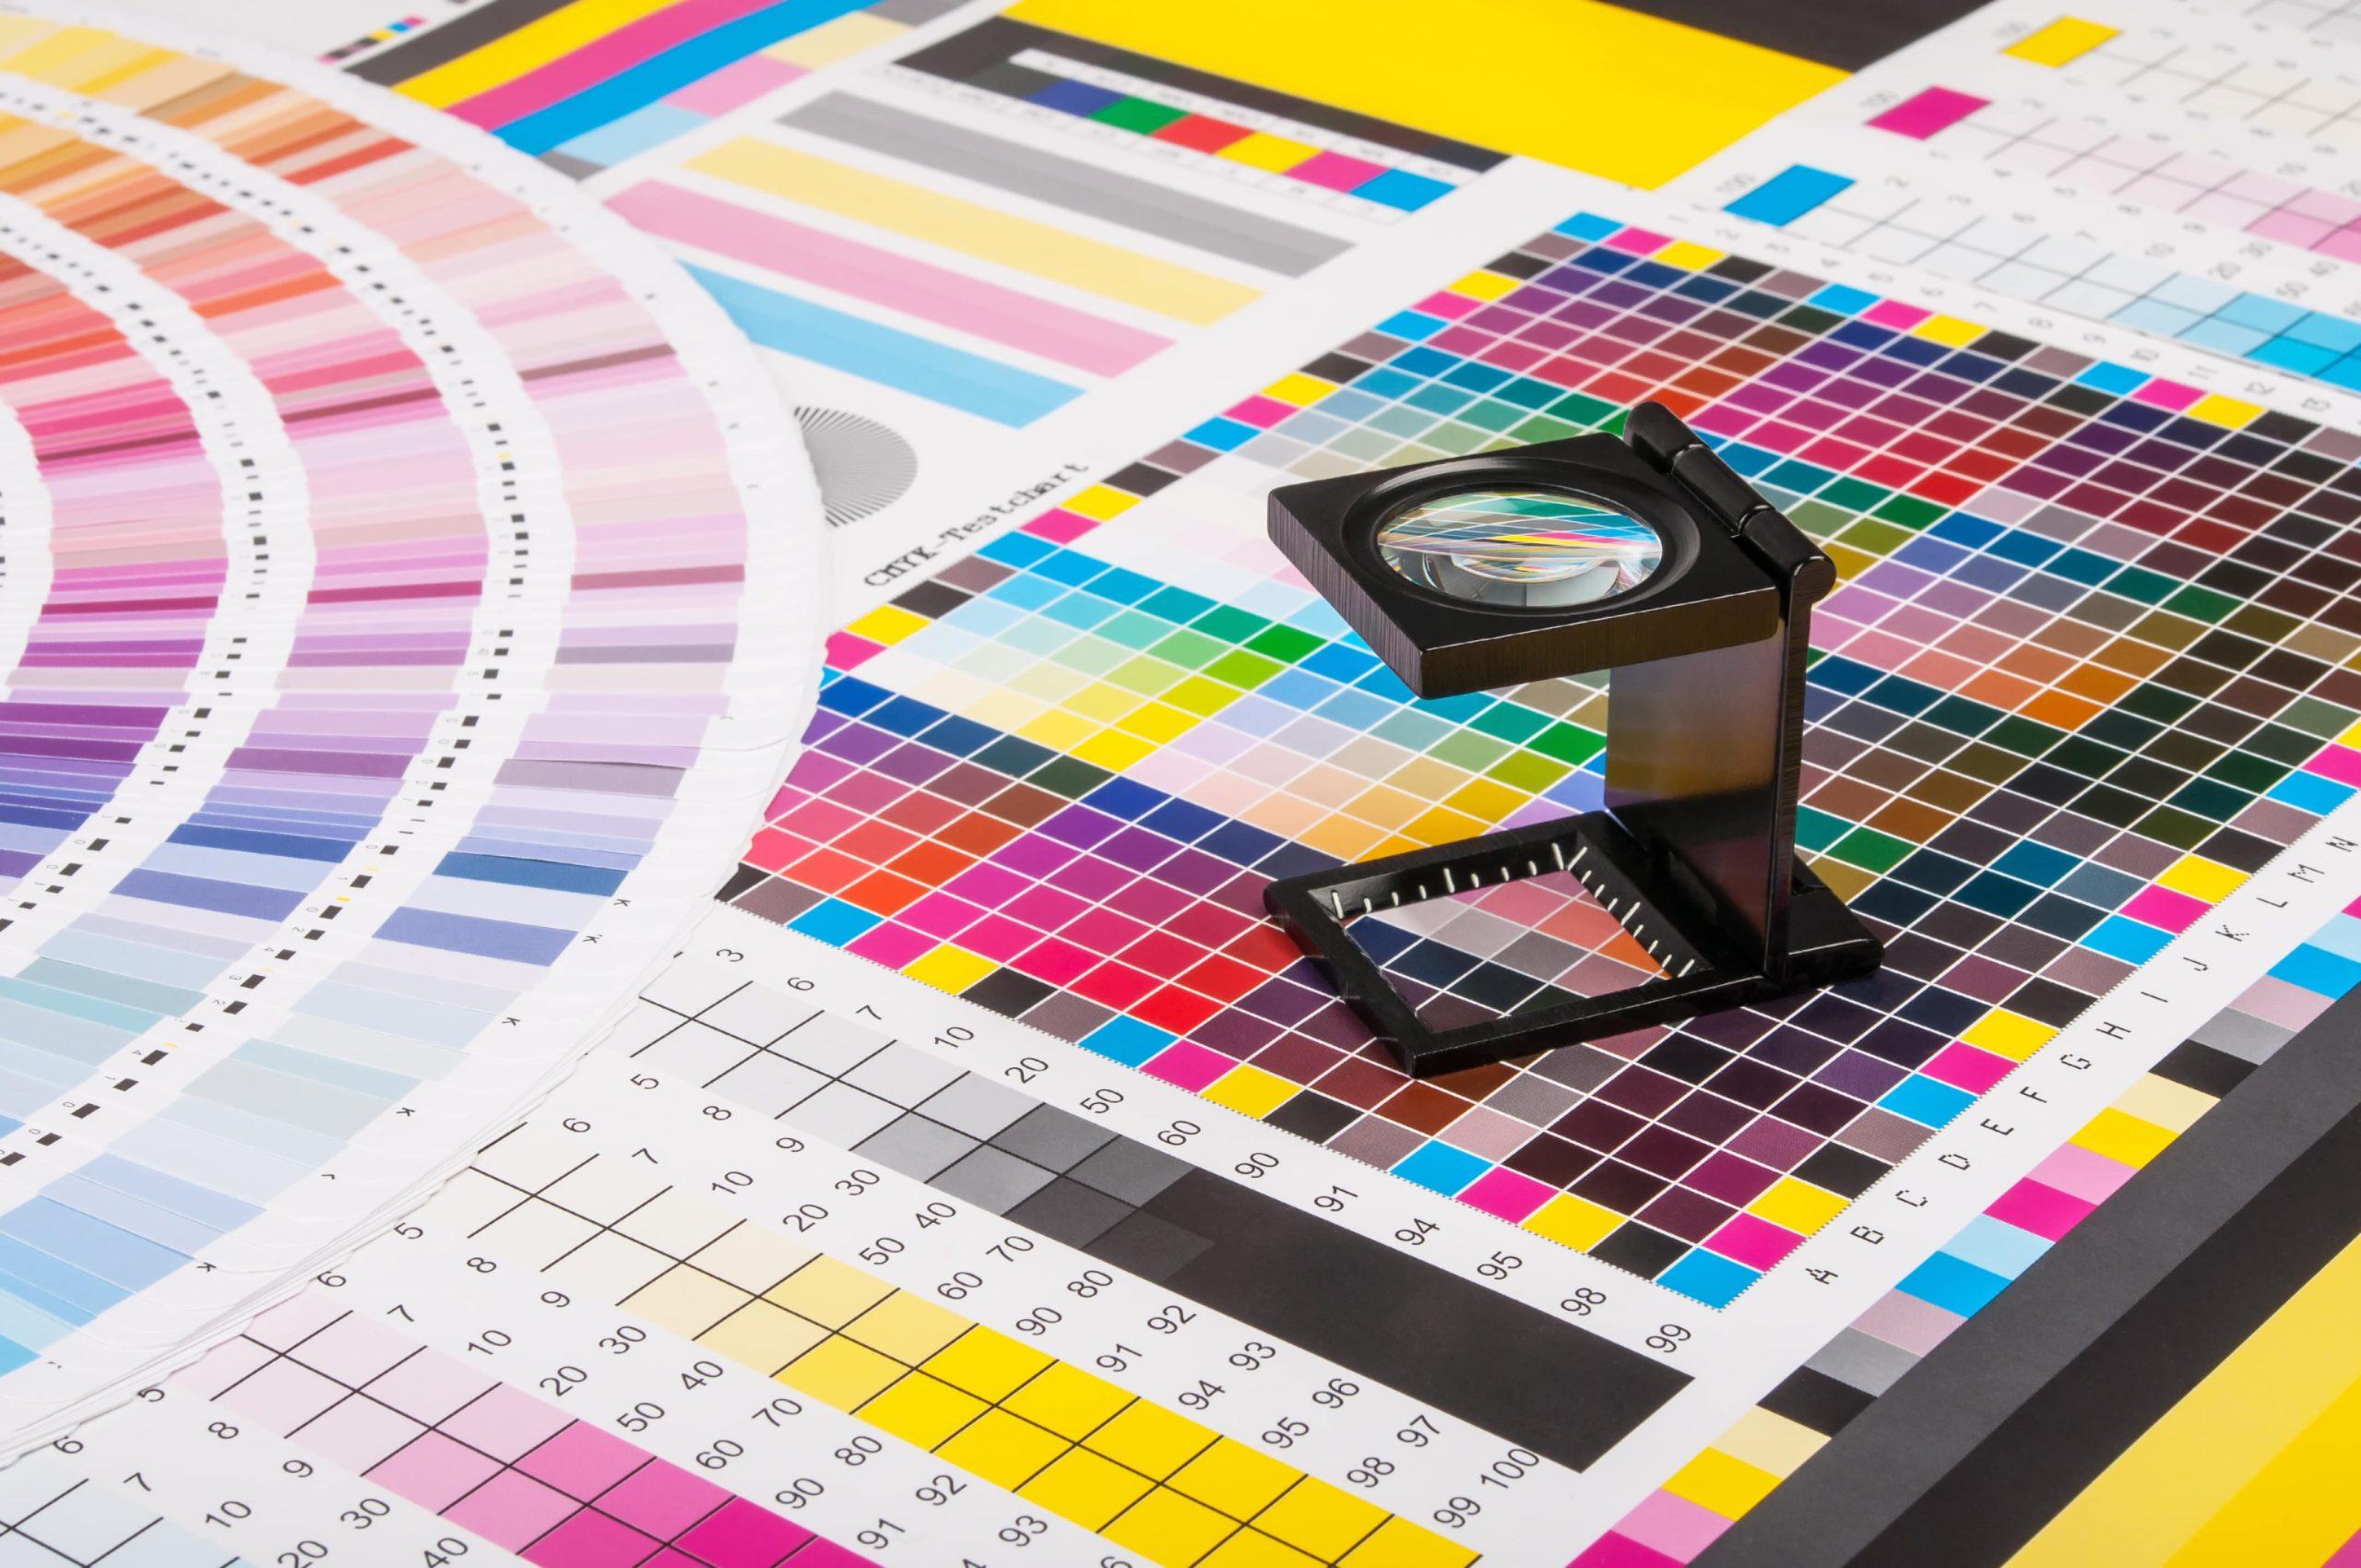 La impresión offset ofrece una calidad elevada